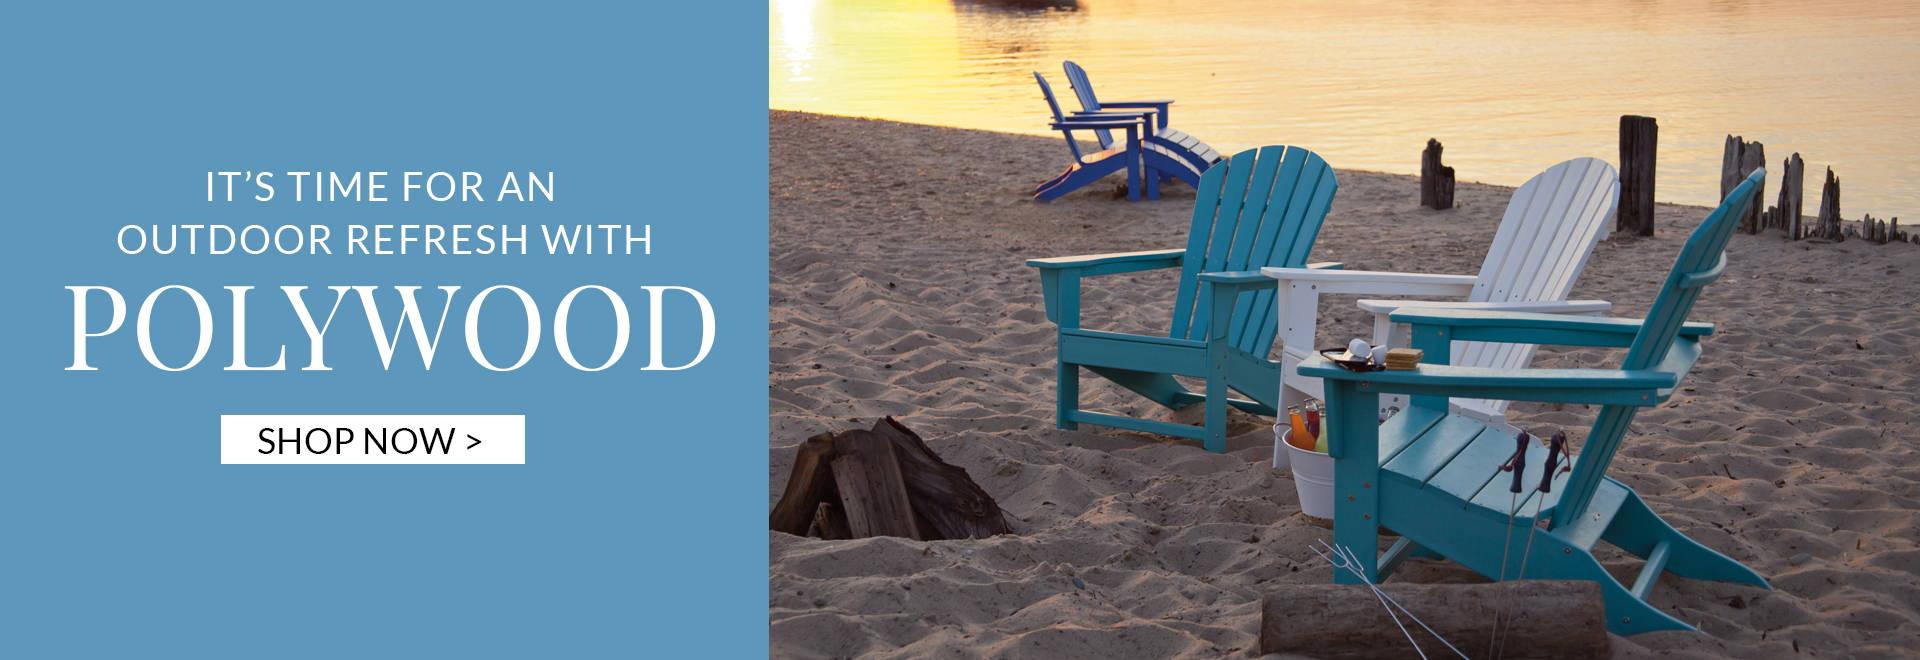 Luxury Outdoor Furniture, Grills & Umbrellas | AuthenTEAK